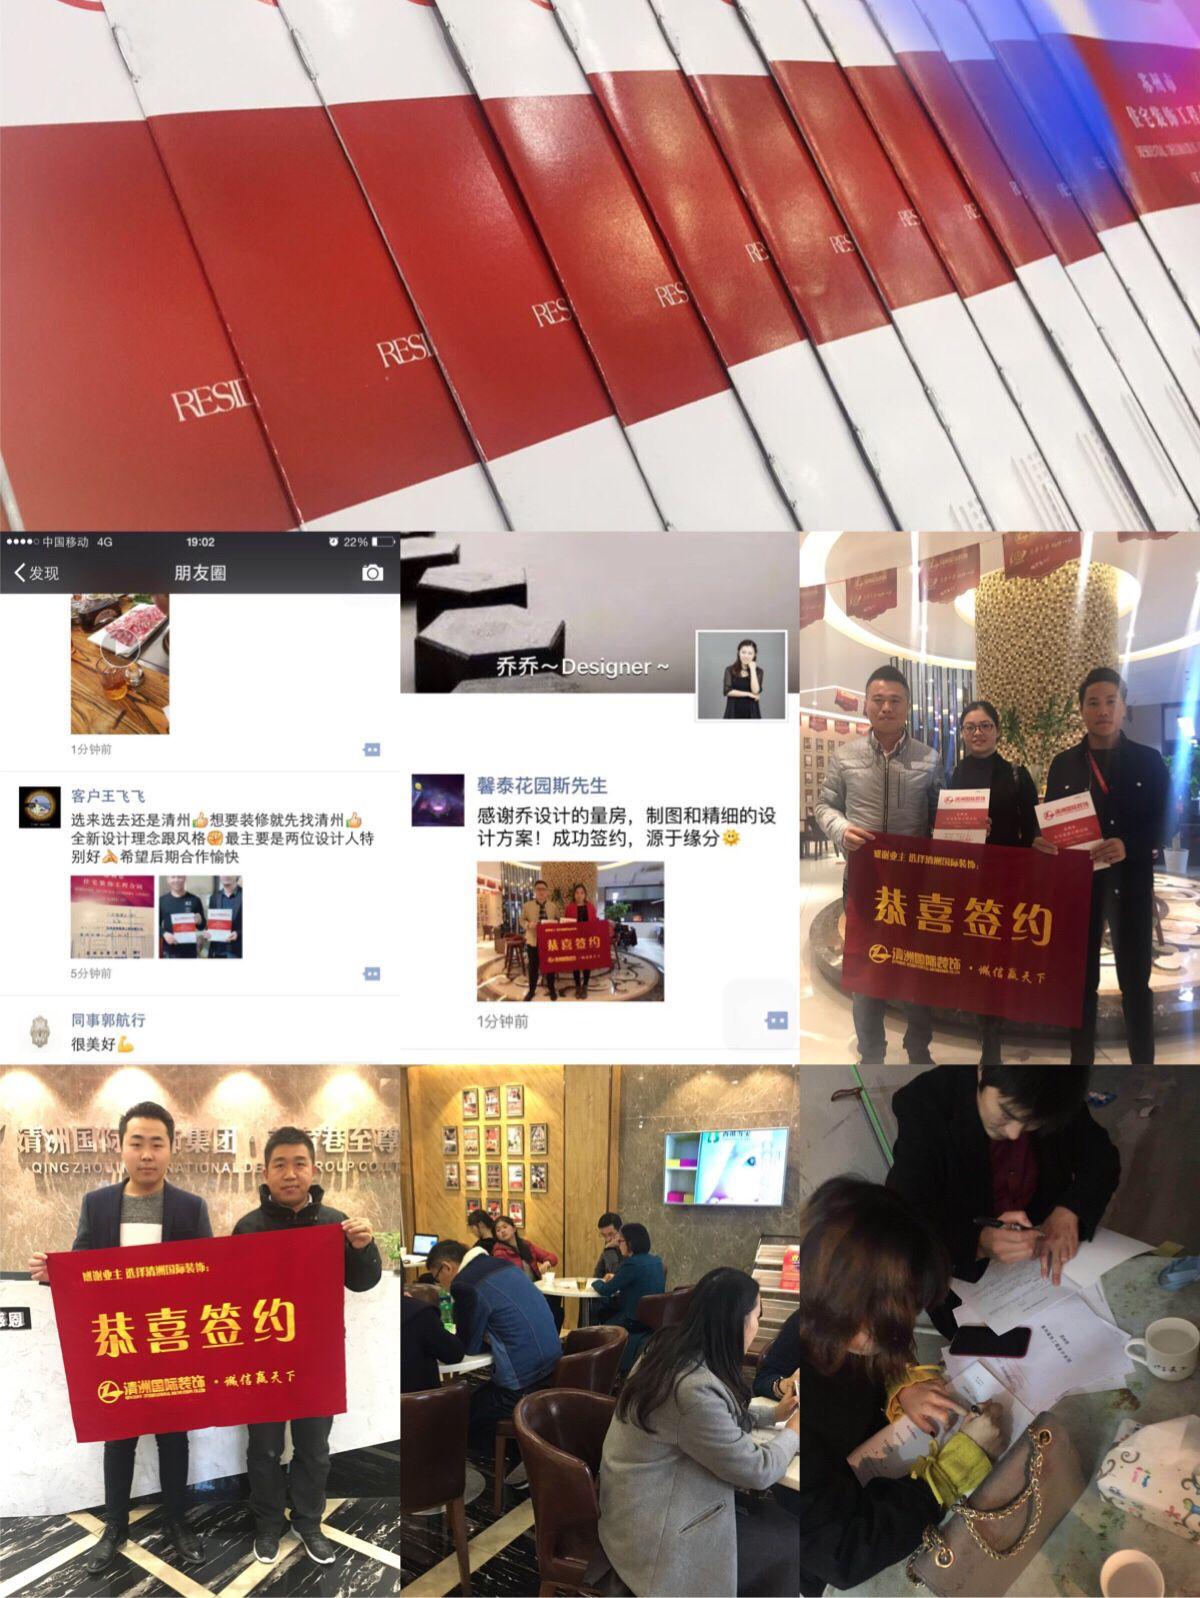 17定装修 18心不慌 苏州清洲国际装饰公司签约火爆